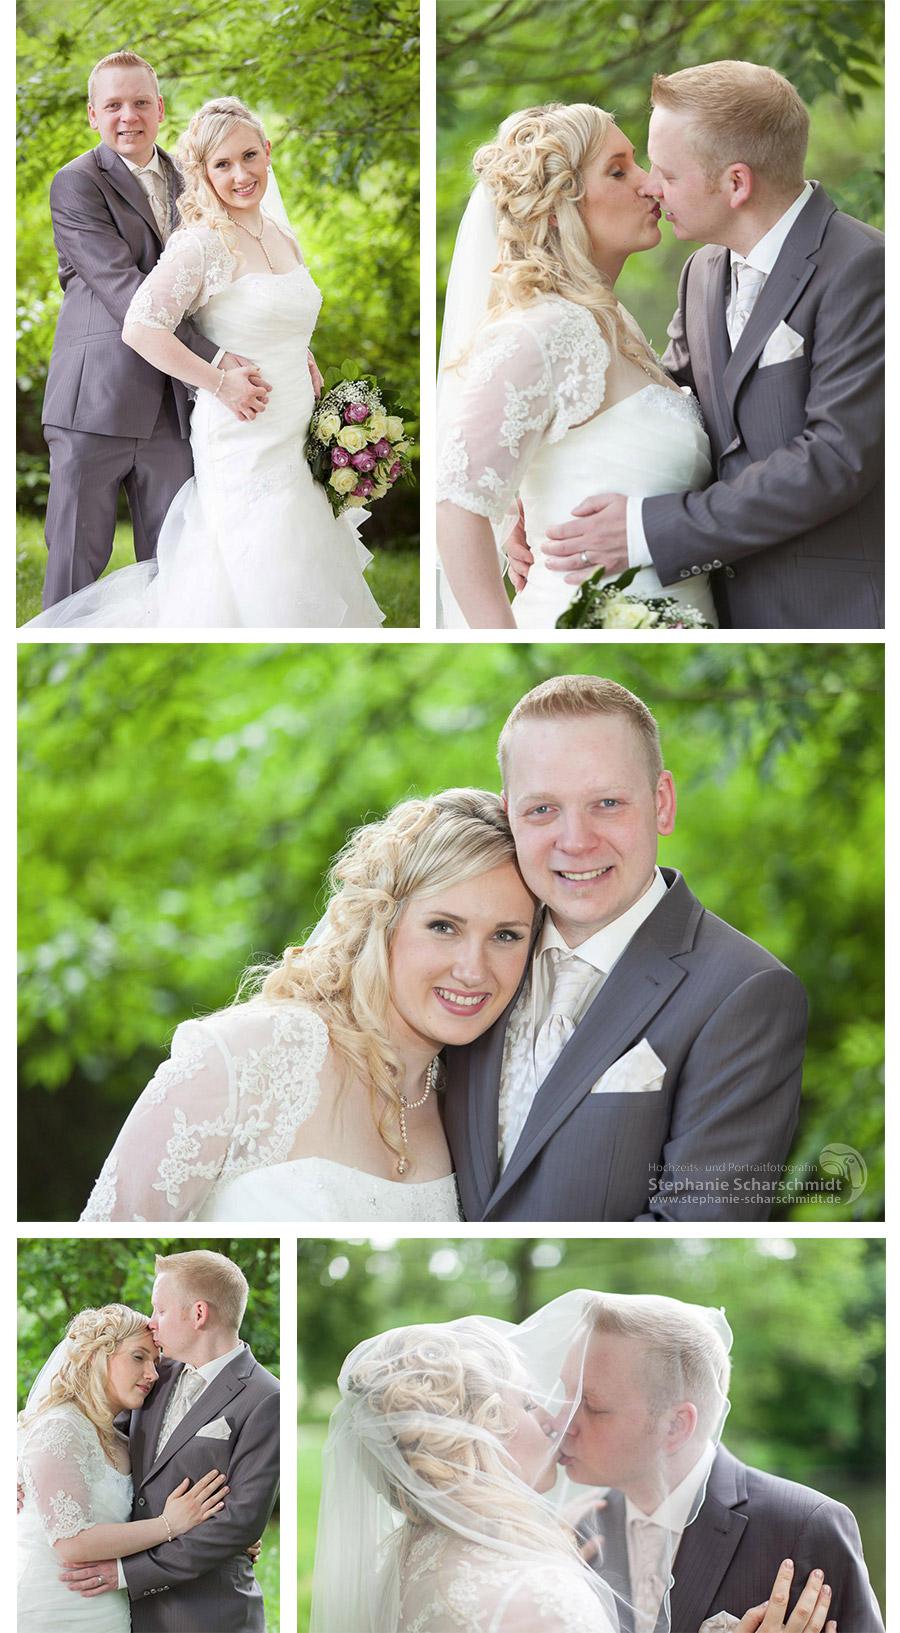 Stadtpark Plauen Hochzeitsfotos (Brautpaarfotos) – Hochzeits- und Portraitfotografin Stephanie Scharschmidt